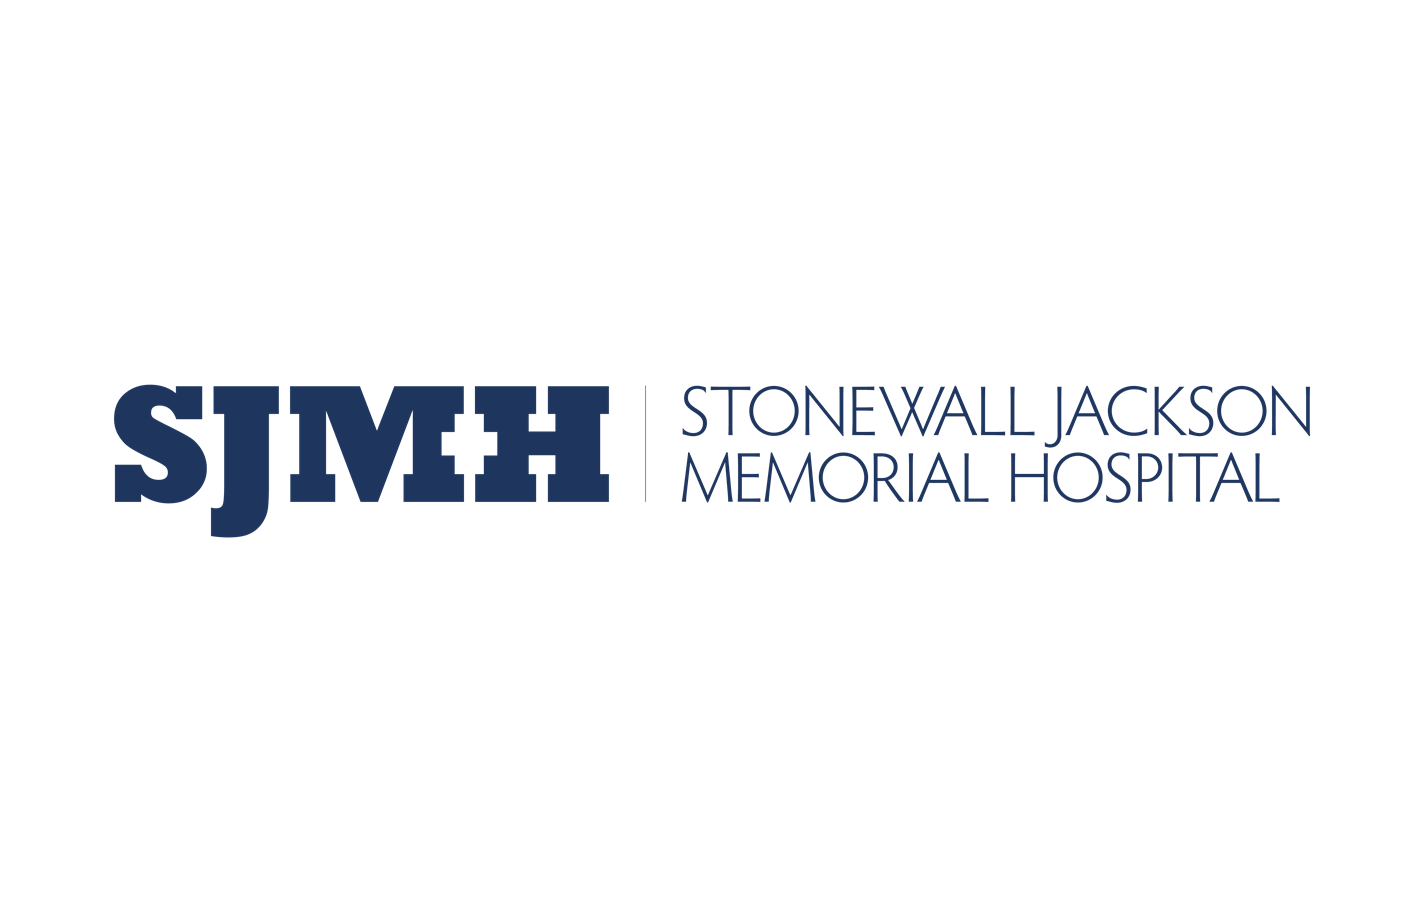 Stonewall Jackson Memorial Hospital company logo